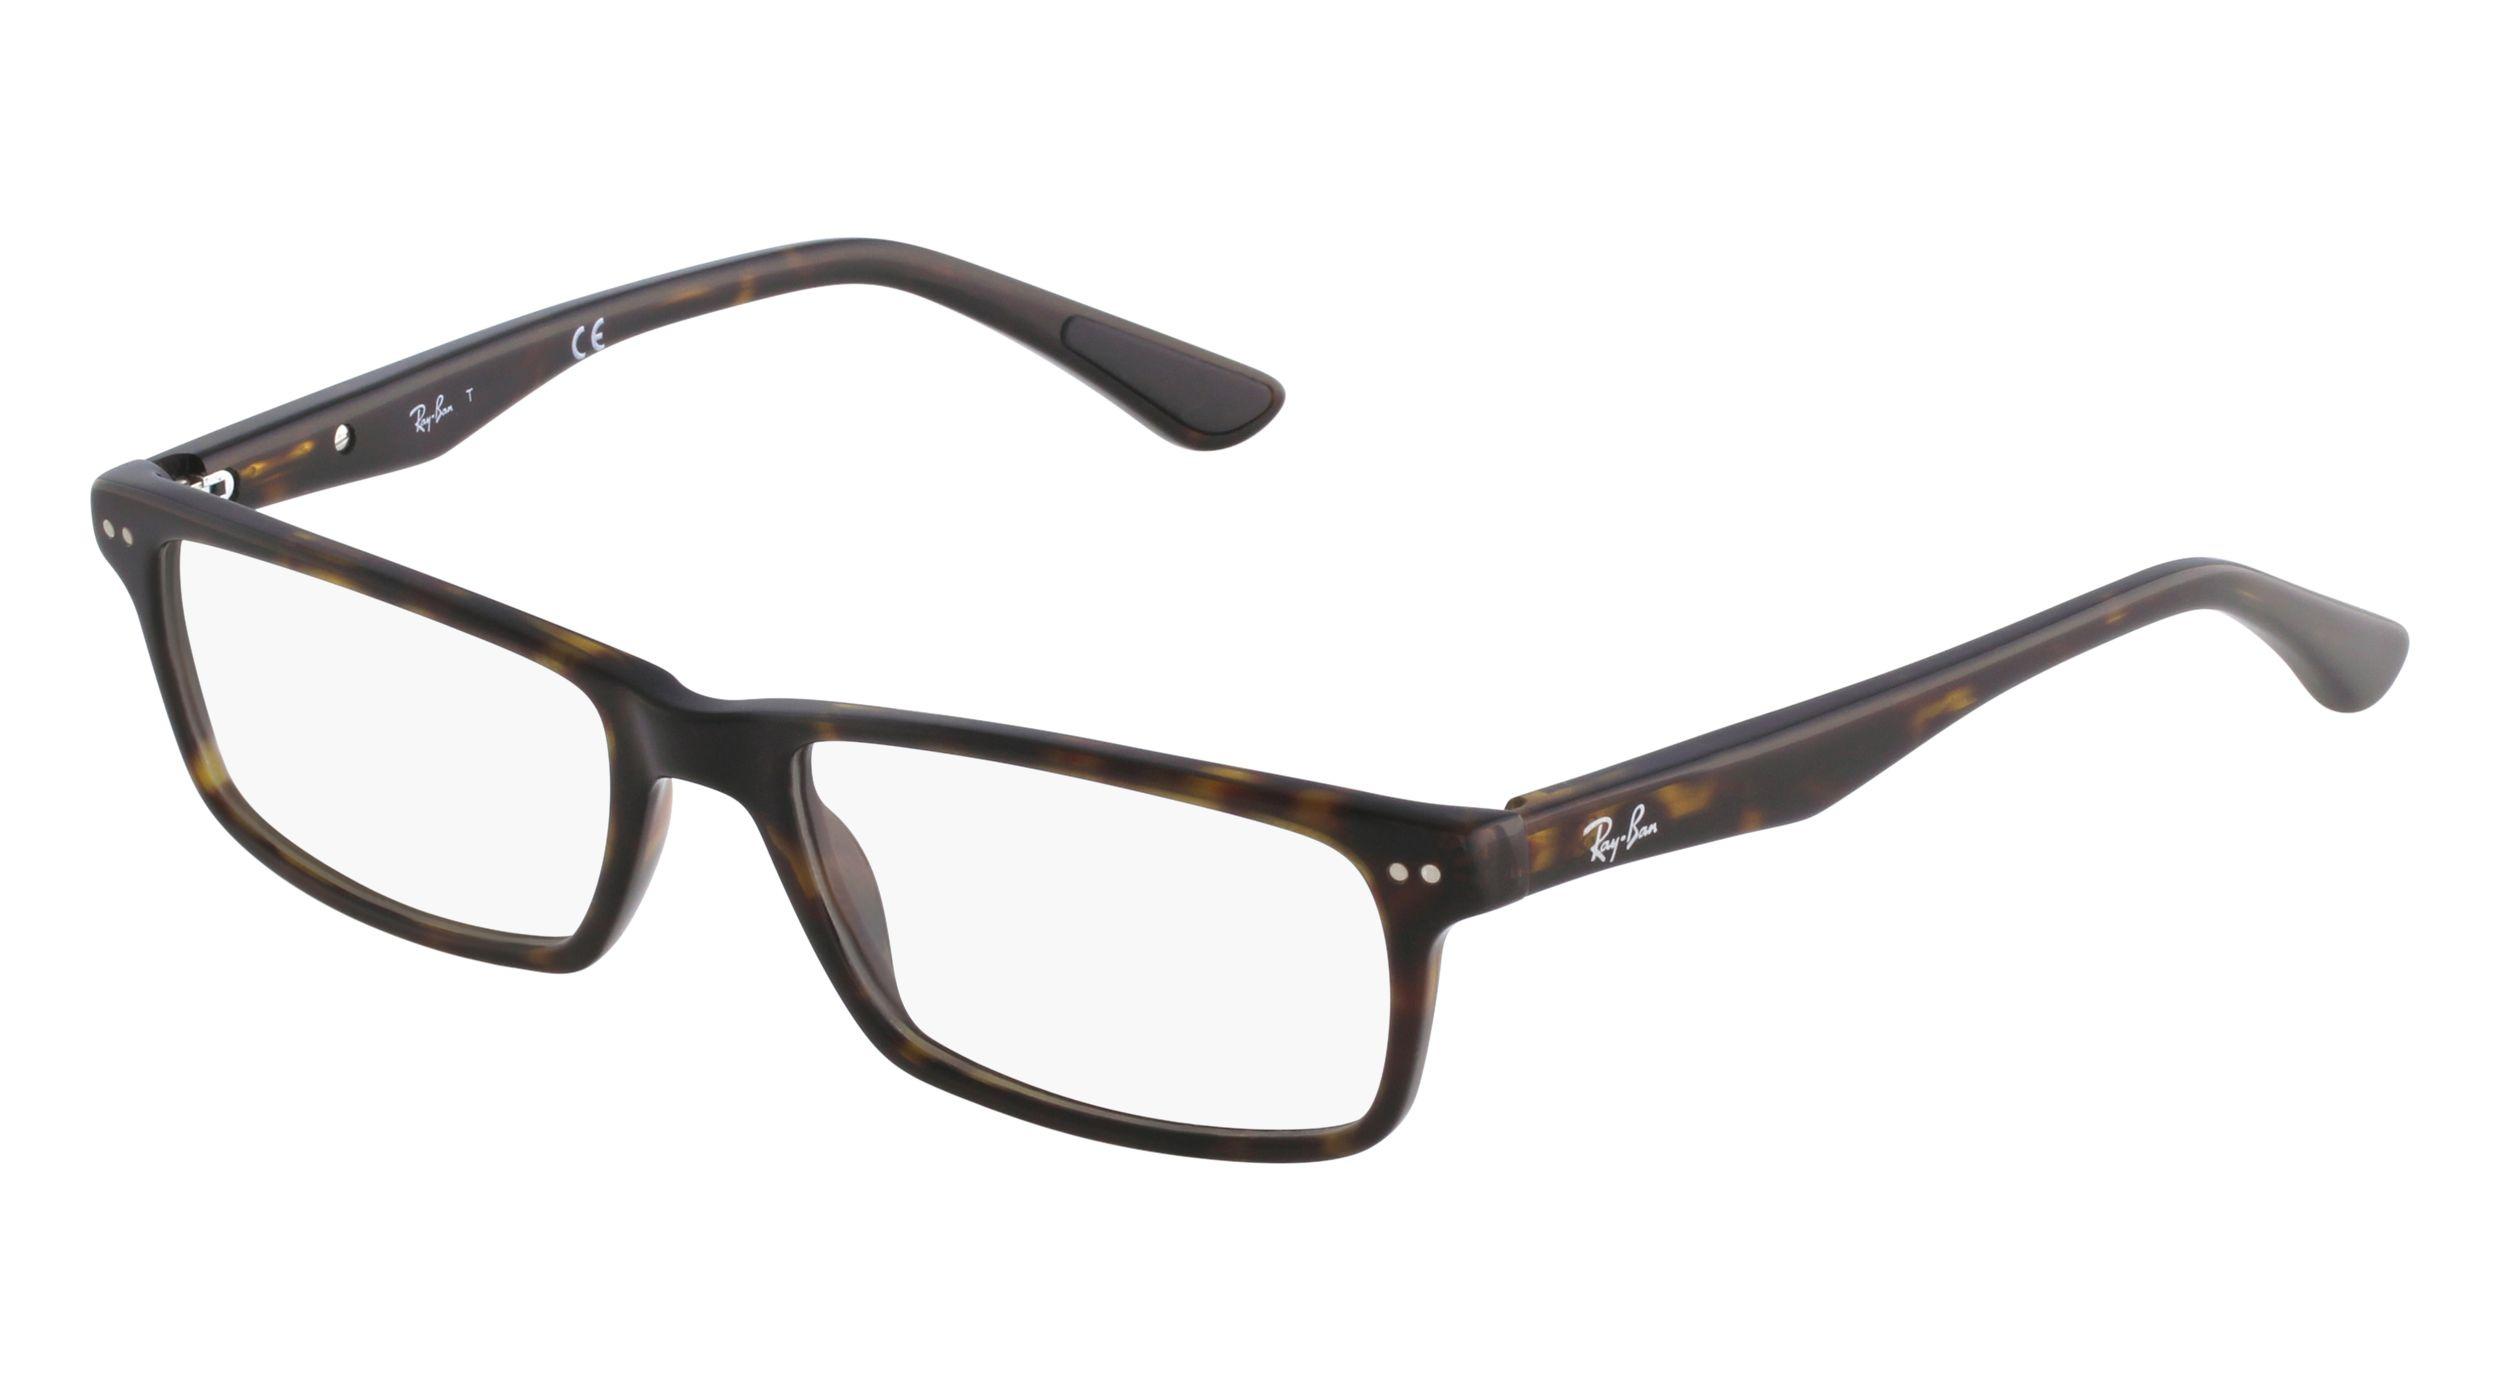 a85a72daa24b5e Soigner son image avec les lunettes de caractère